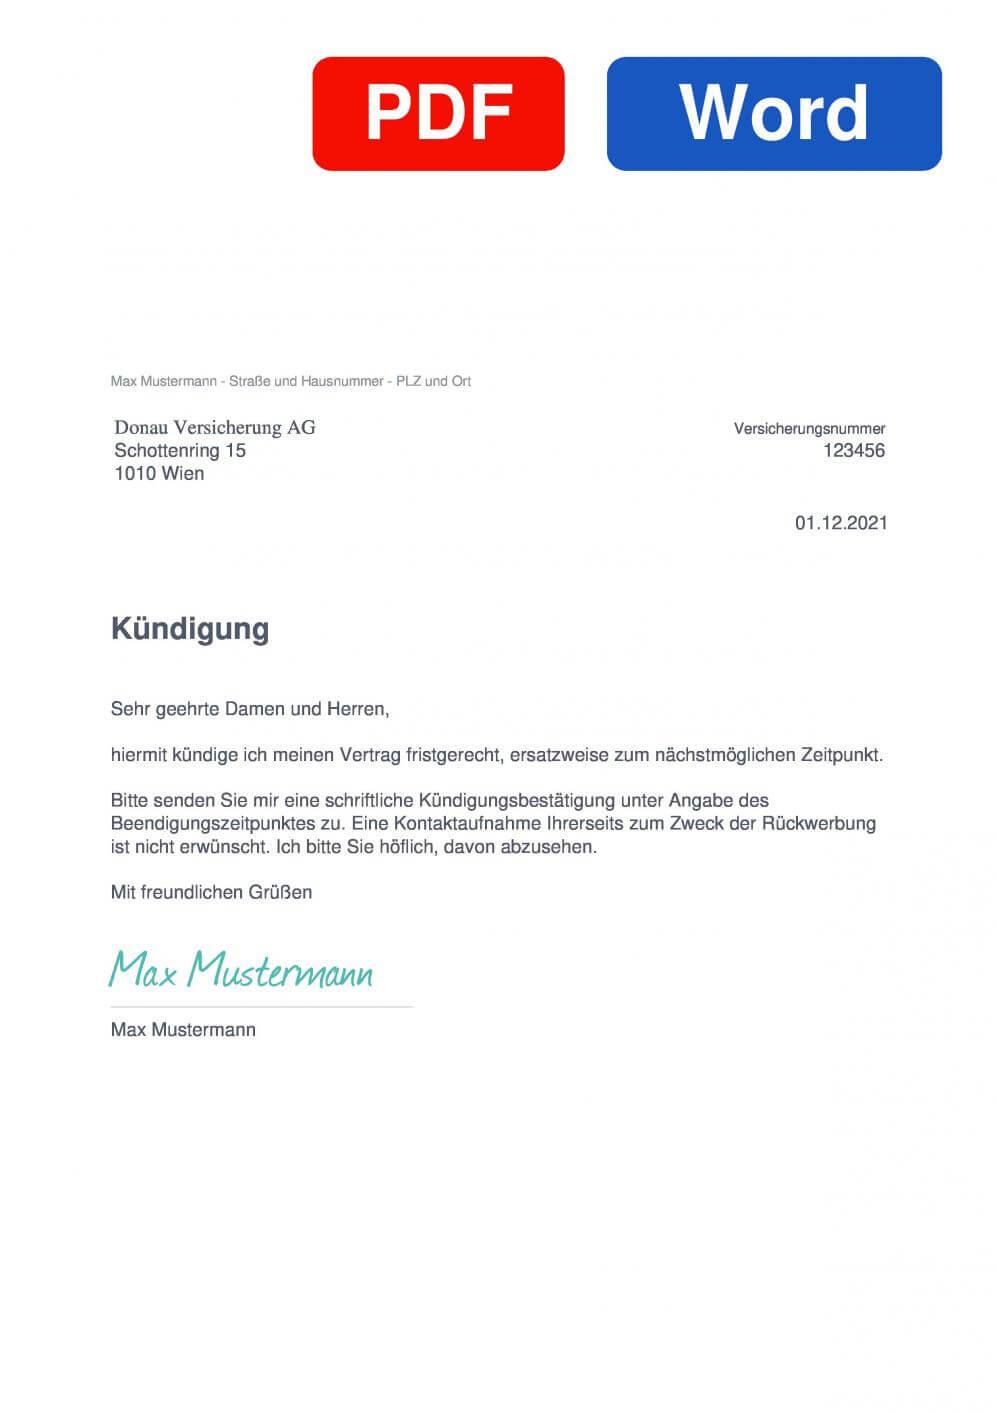 Donau Versicherung Muster Vorlage für Kündigungsschreiben